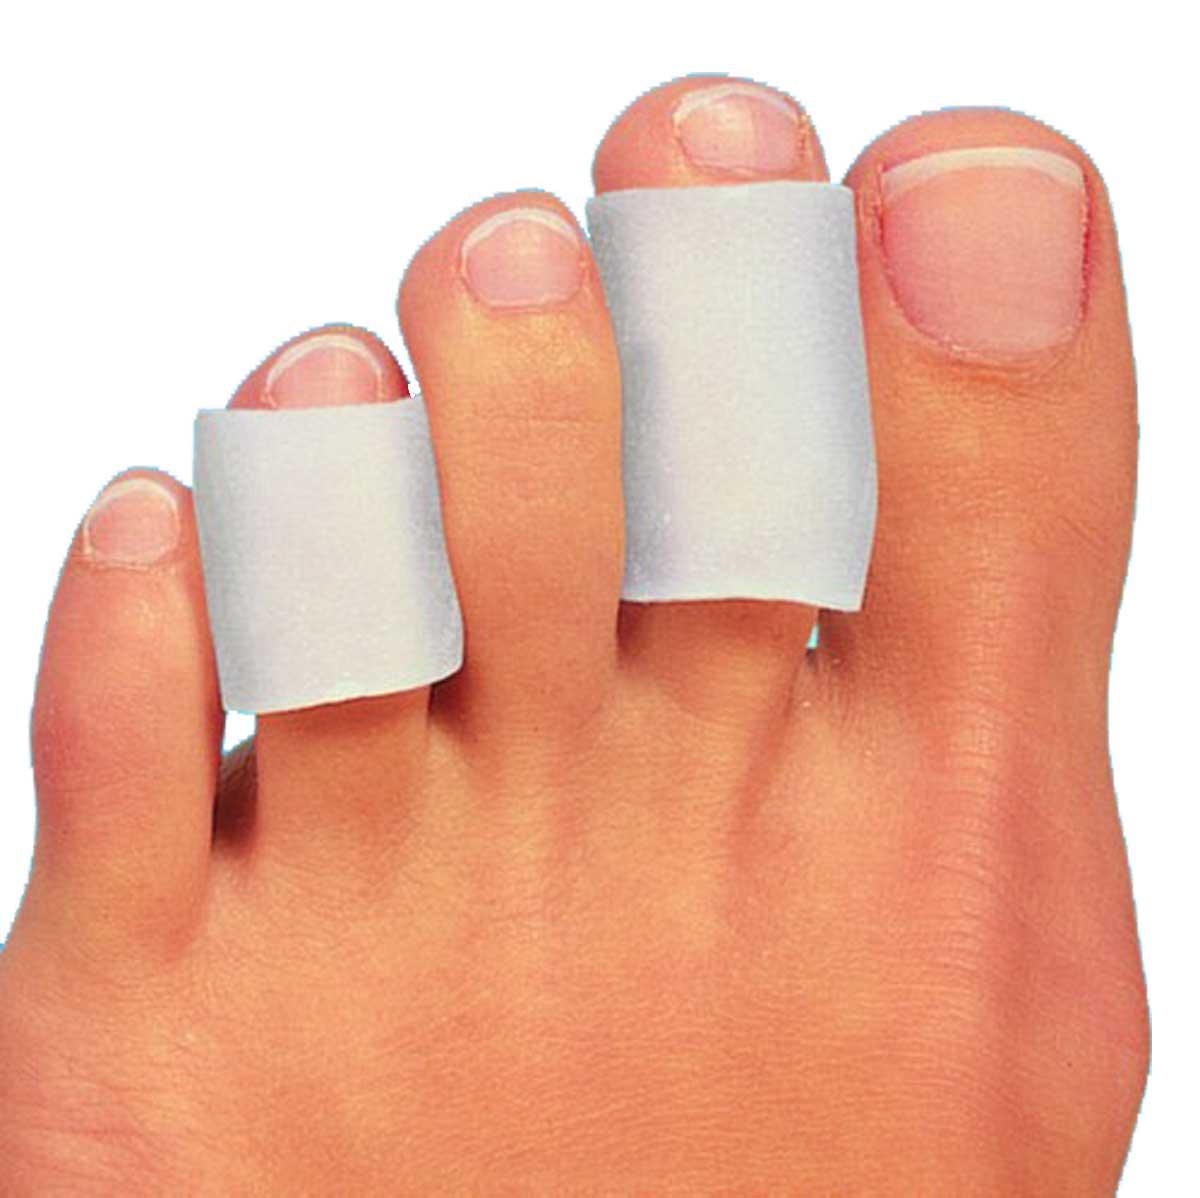 足の健康をサポートするお役立ちグッズポリマージェルで足を守ります セール特別価格 GEHWOL ゲーボルトウプロテクションリング 小 マメなど痛みの緩和《メール便可》 クリアランスsale 期間限定 1個入り魚の目 靴擦れ たこ